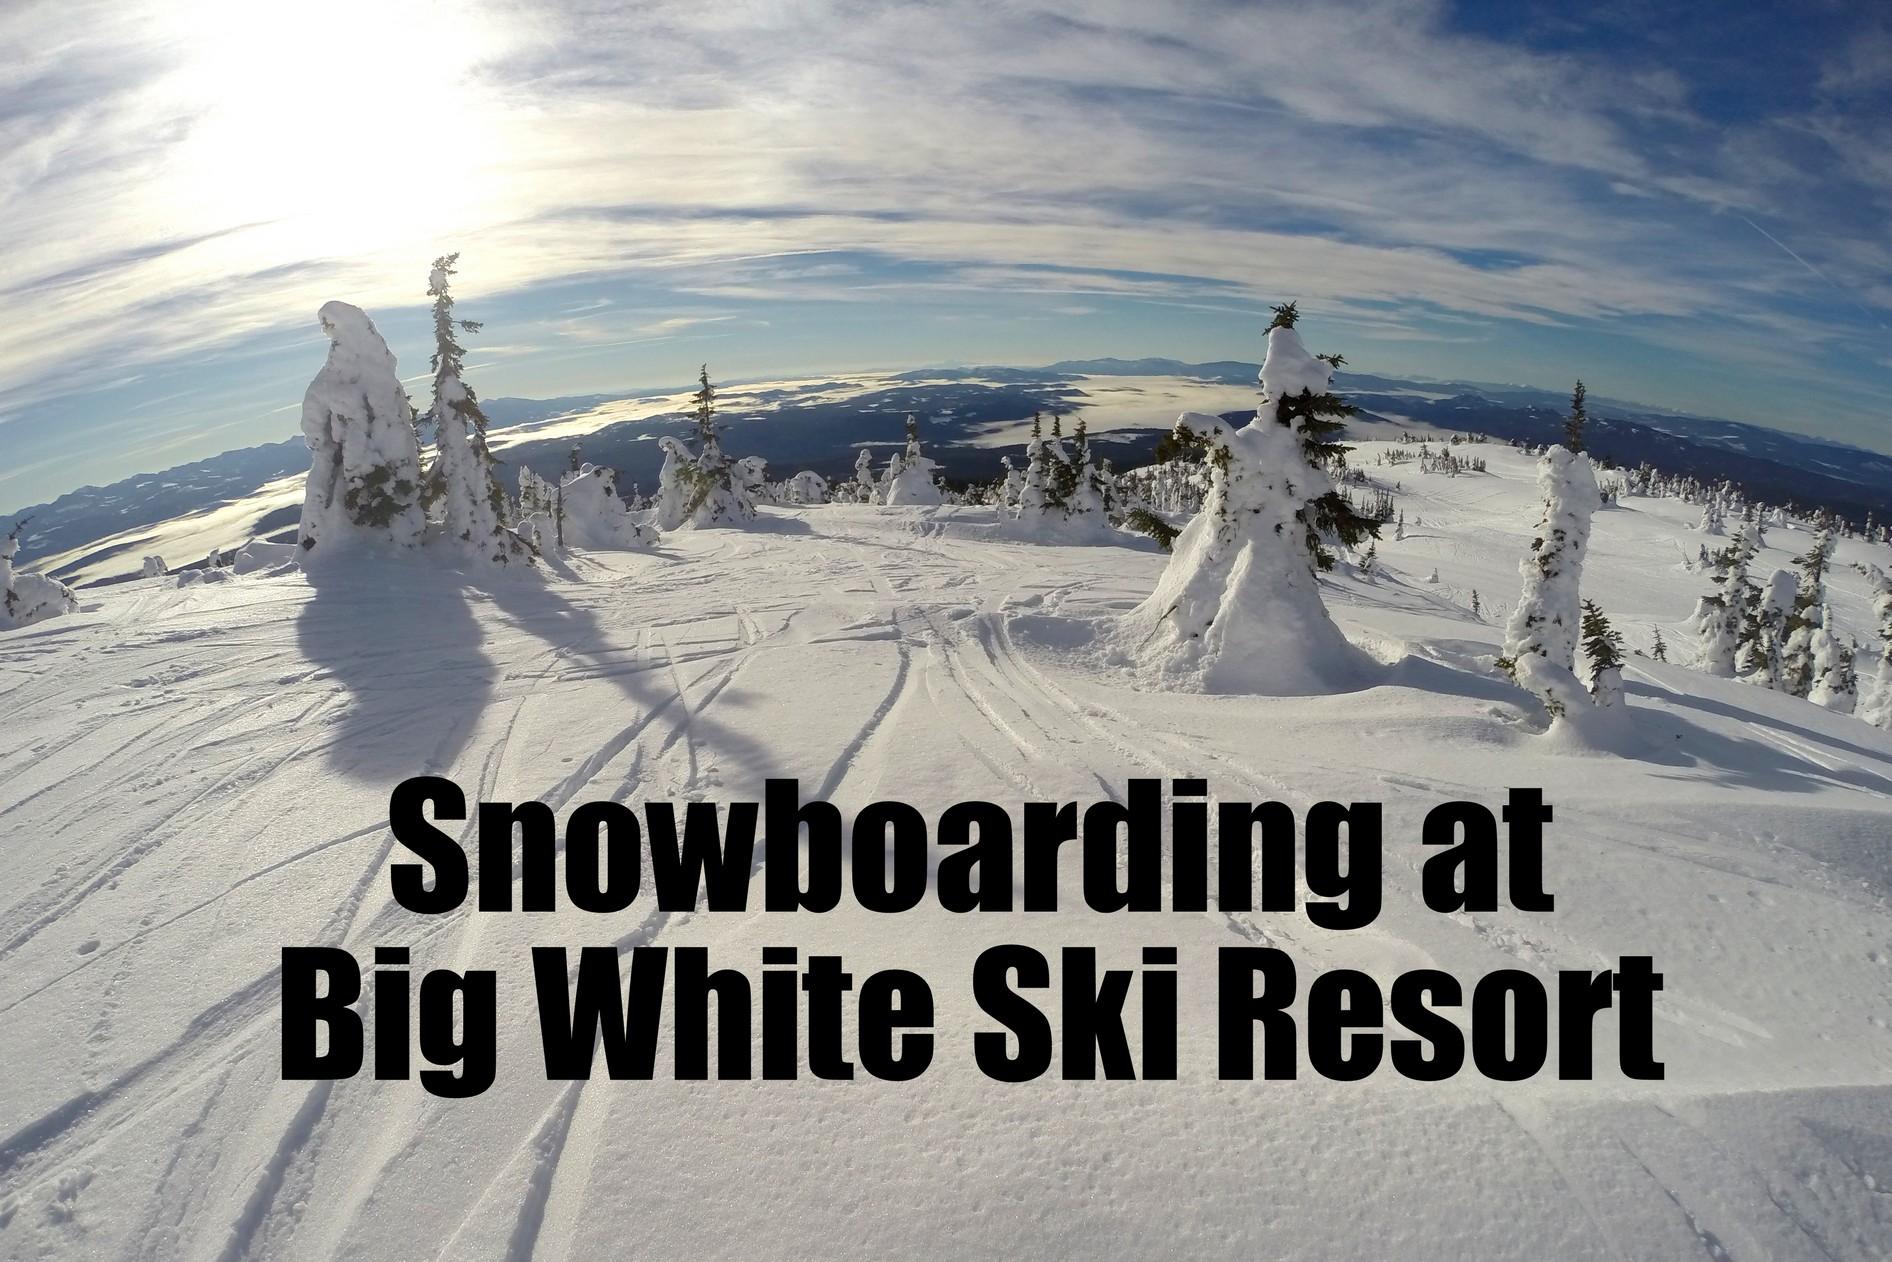 VIDEO: Snowboarding at Big White Ski Resort